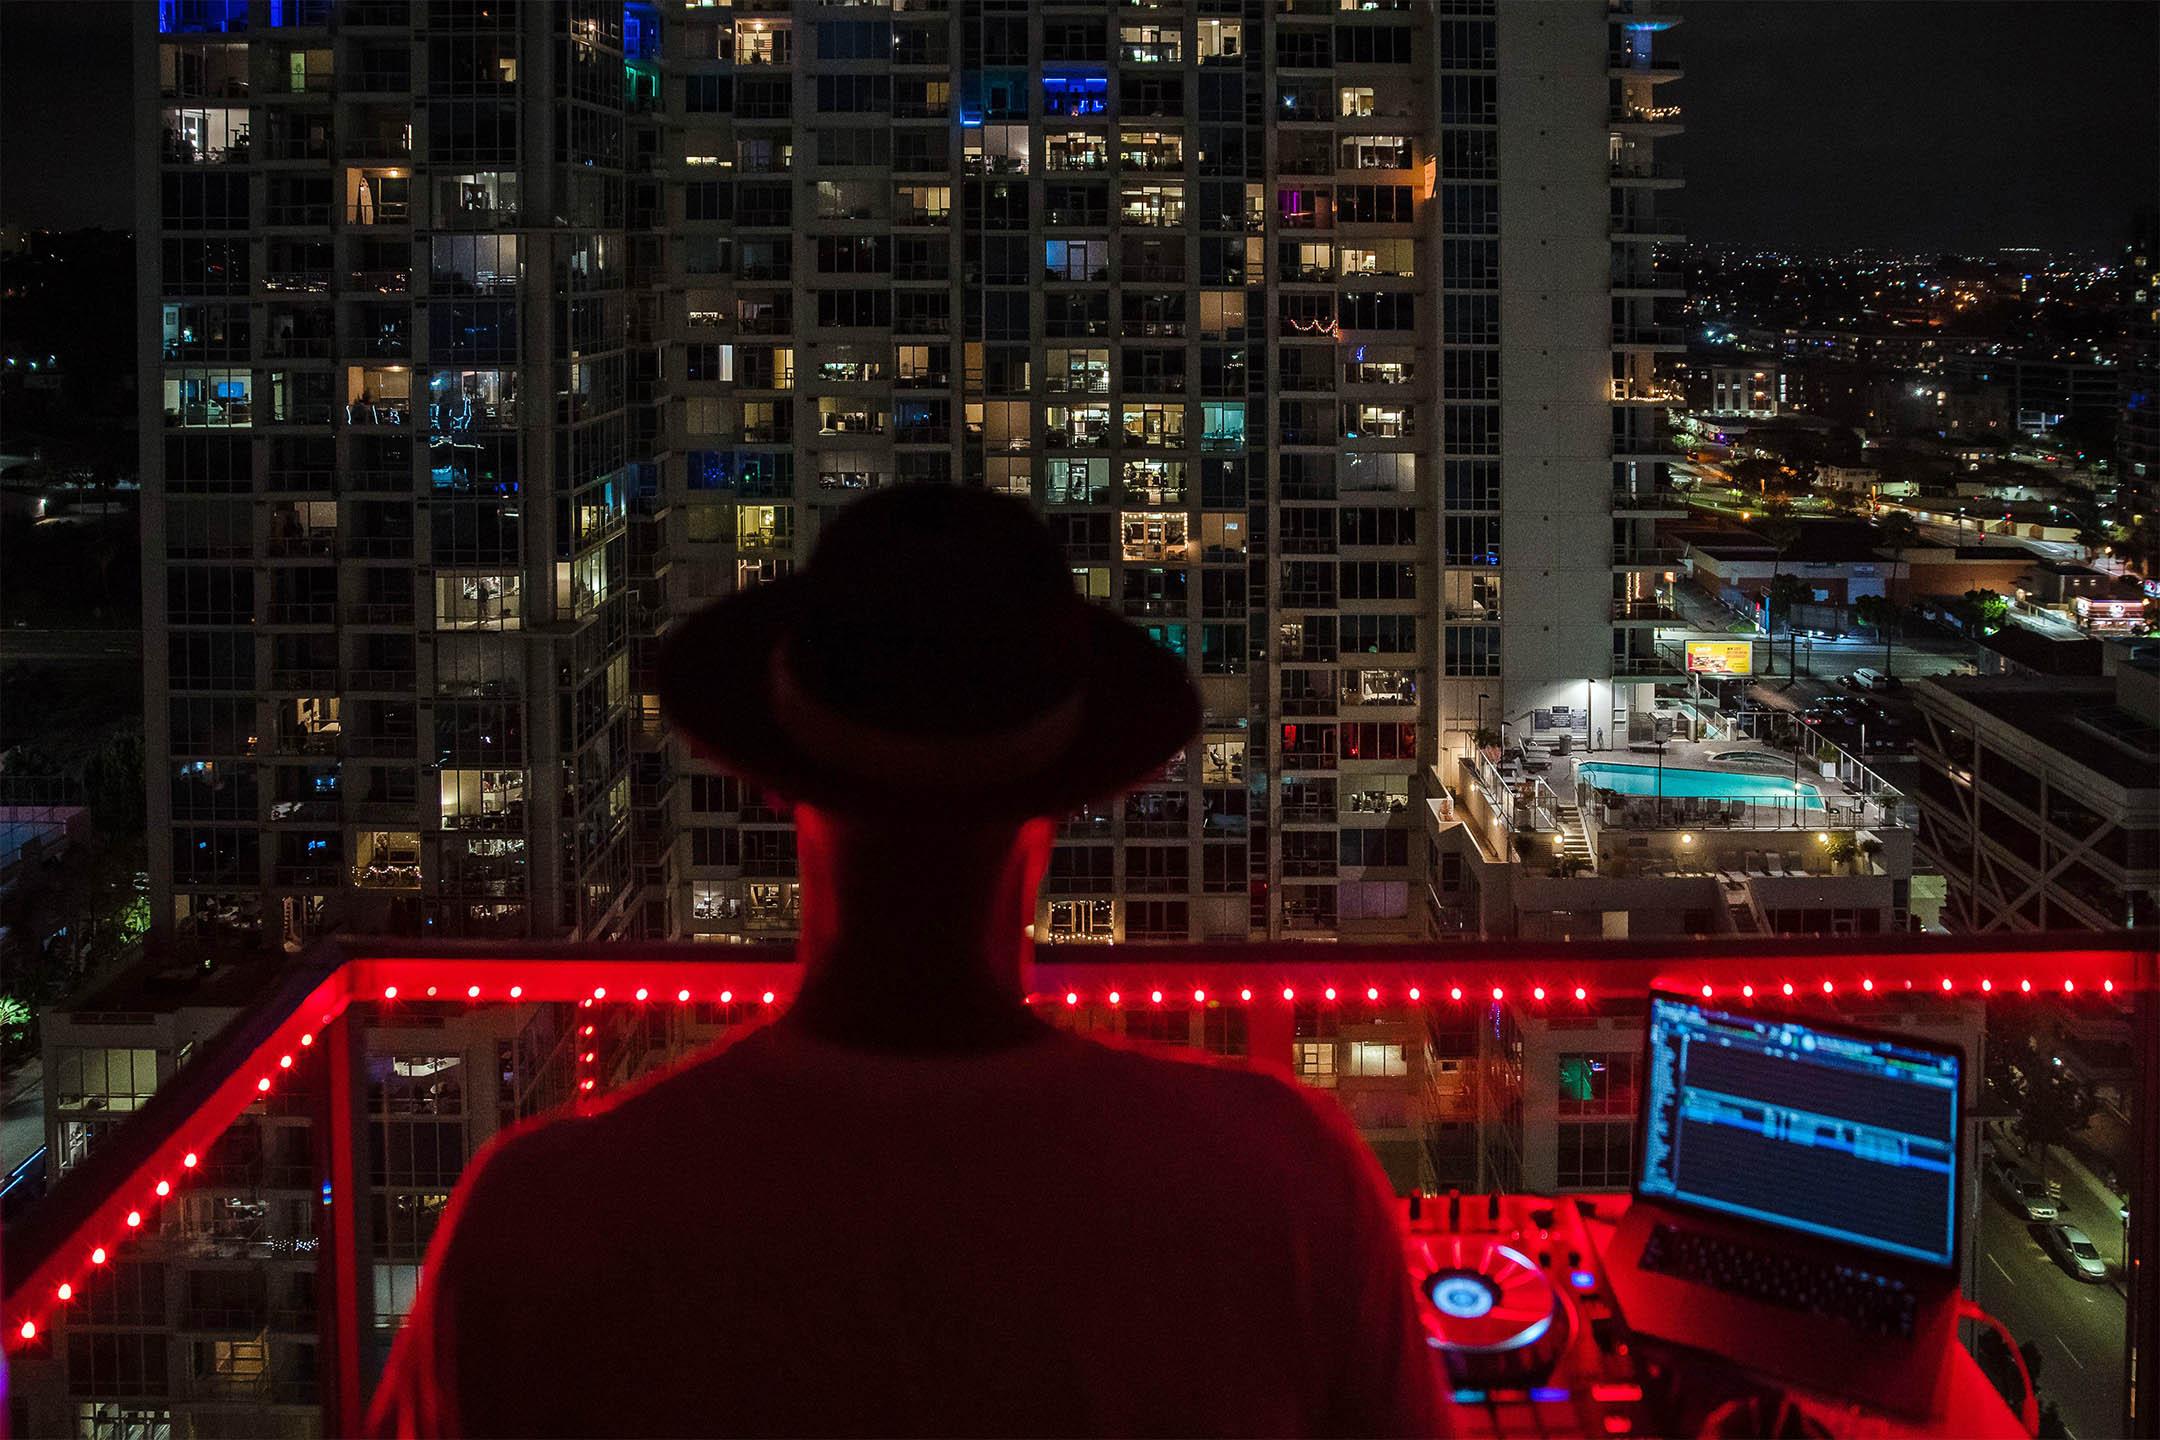 2020年4月11日,諾埃爾·布蘭登又名DJ Iamnoel,在加州聖地亞哥市中心的陽台上打碟,鼓勵因2019冠狀病毒而受到隔離的人。